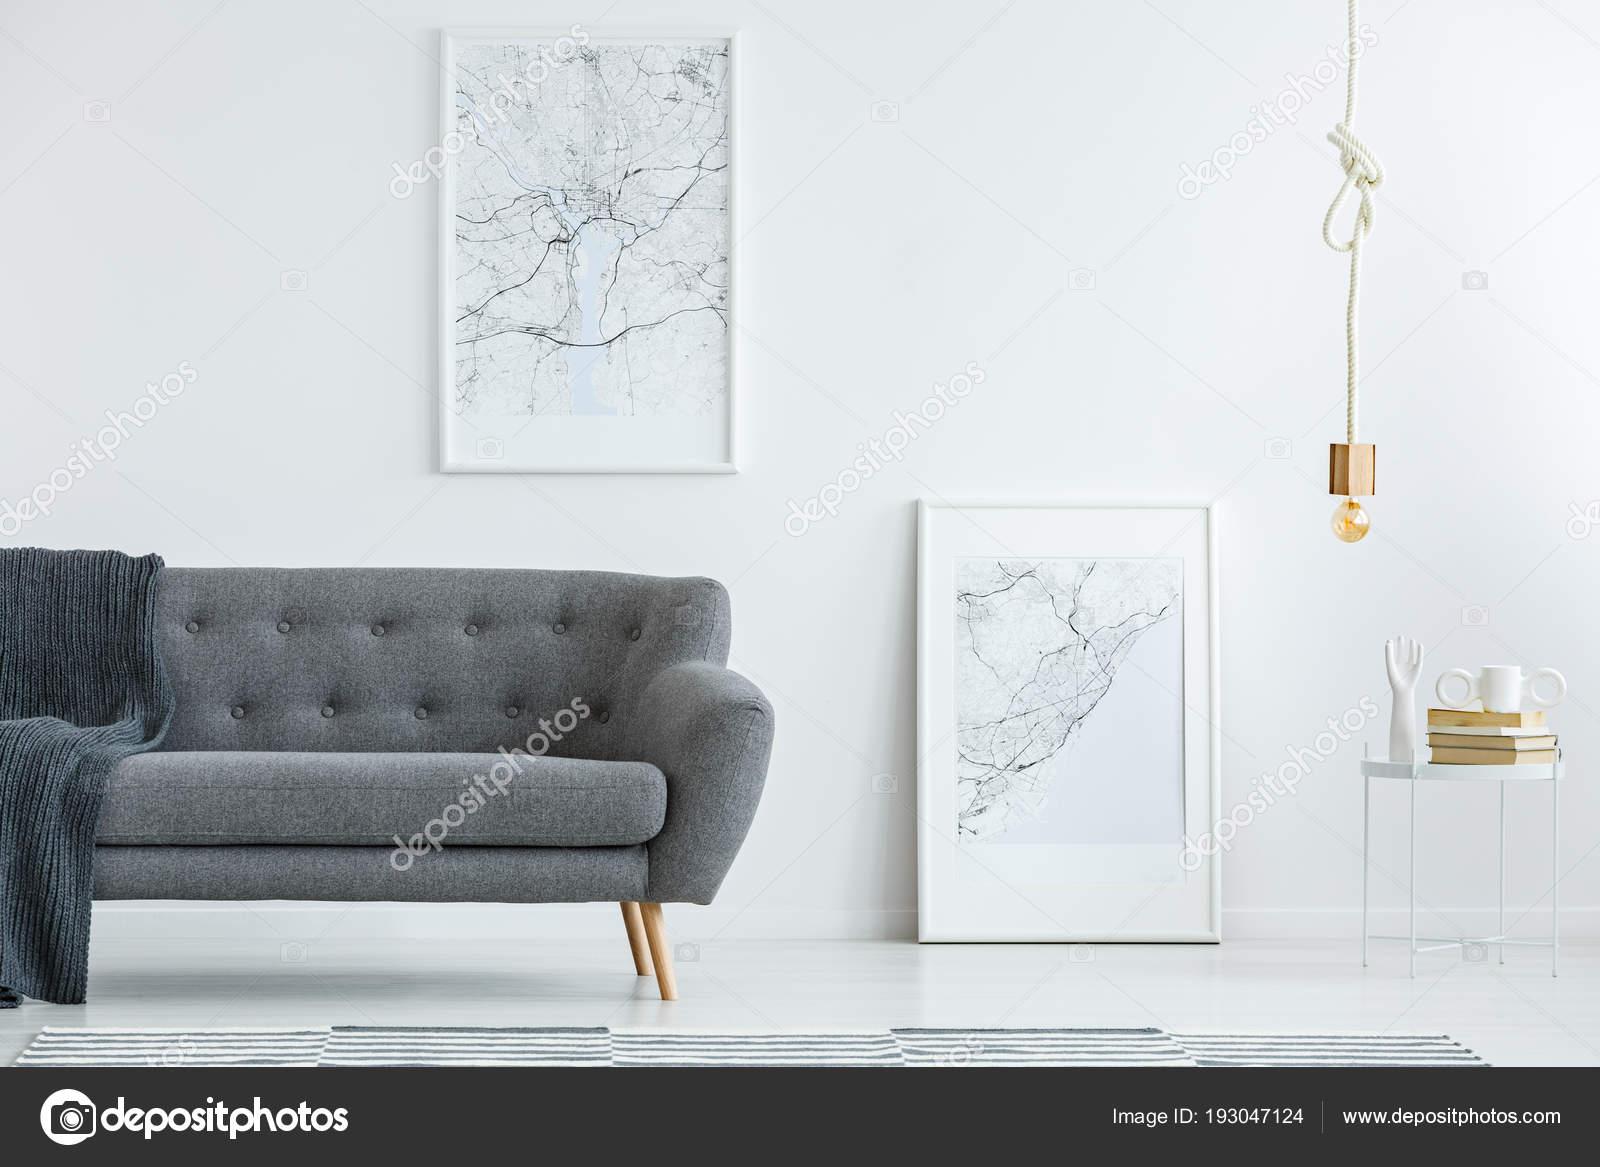 Sofá Elegante Gris Con Patas Madera Carteles Gran Mapa Una — Foto de ...